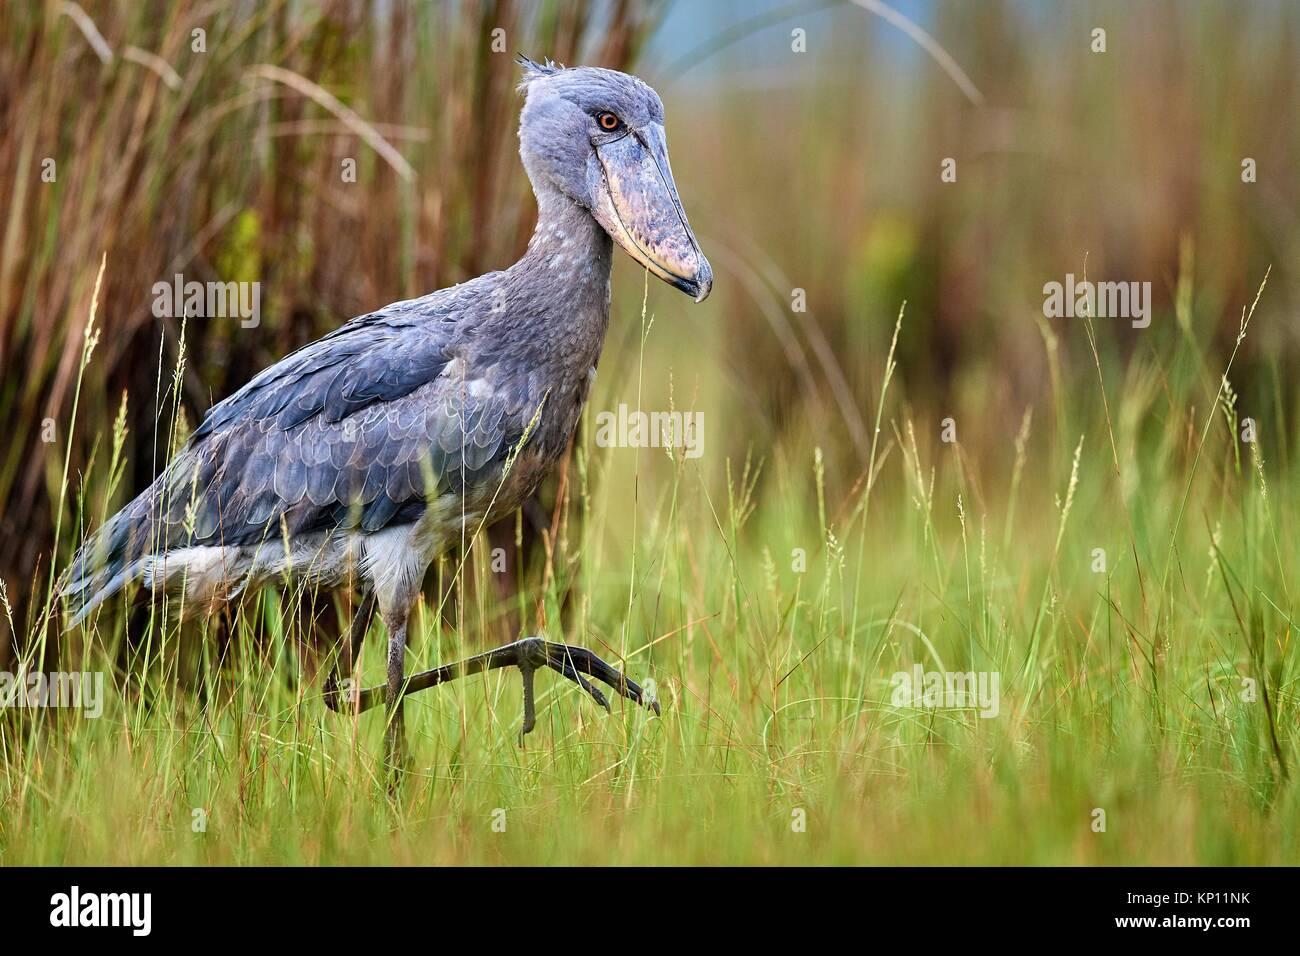 Testa di balena / Shoebill stork (Balaeniceps rex) nelle paludi di Mabamba, il lago Victoria, Uganda. Immagini Stock